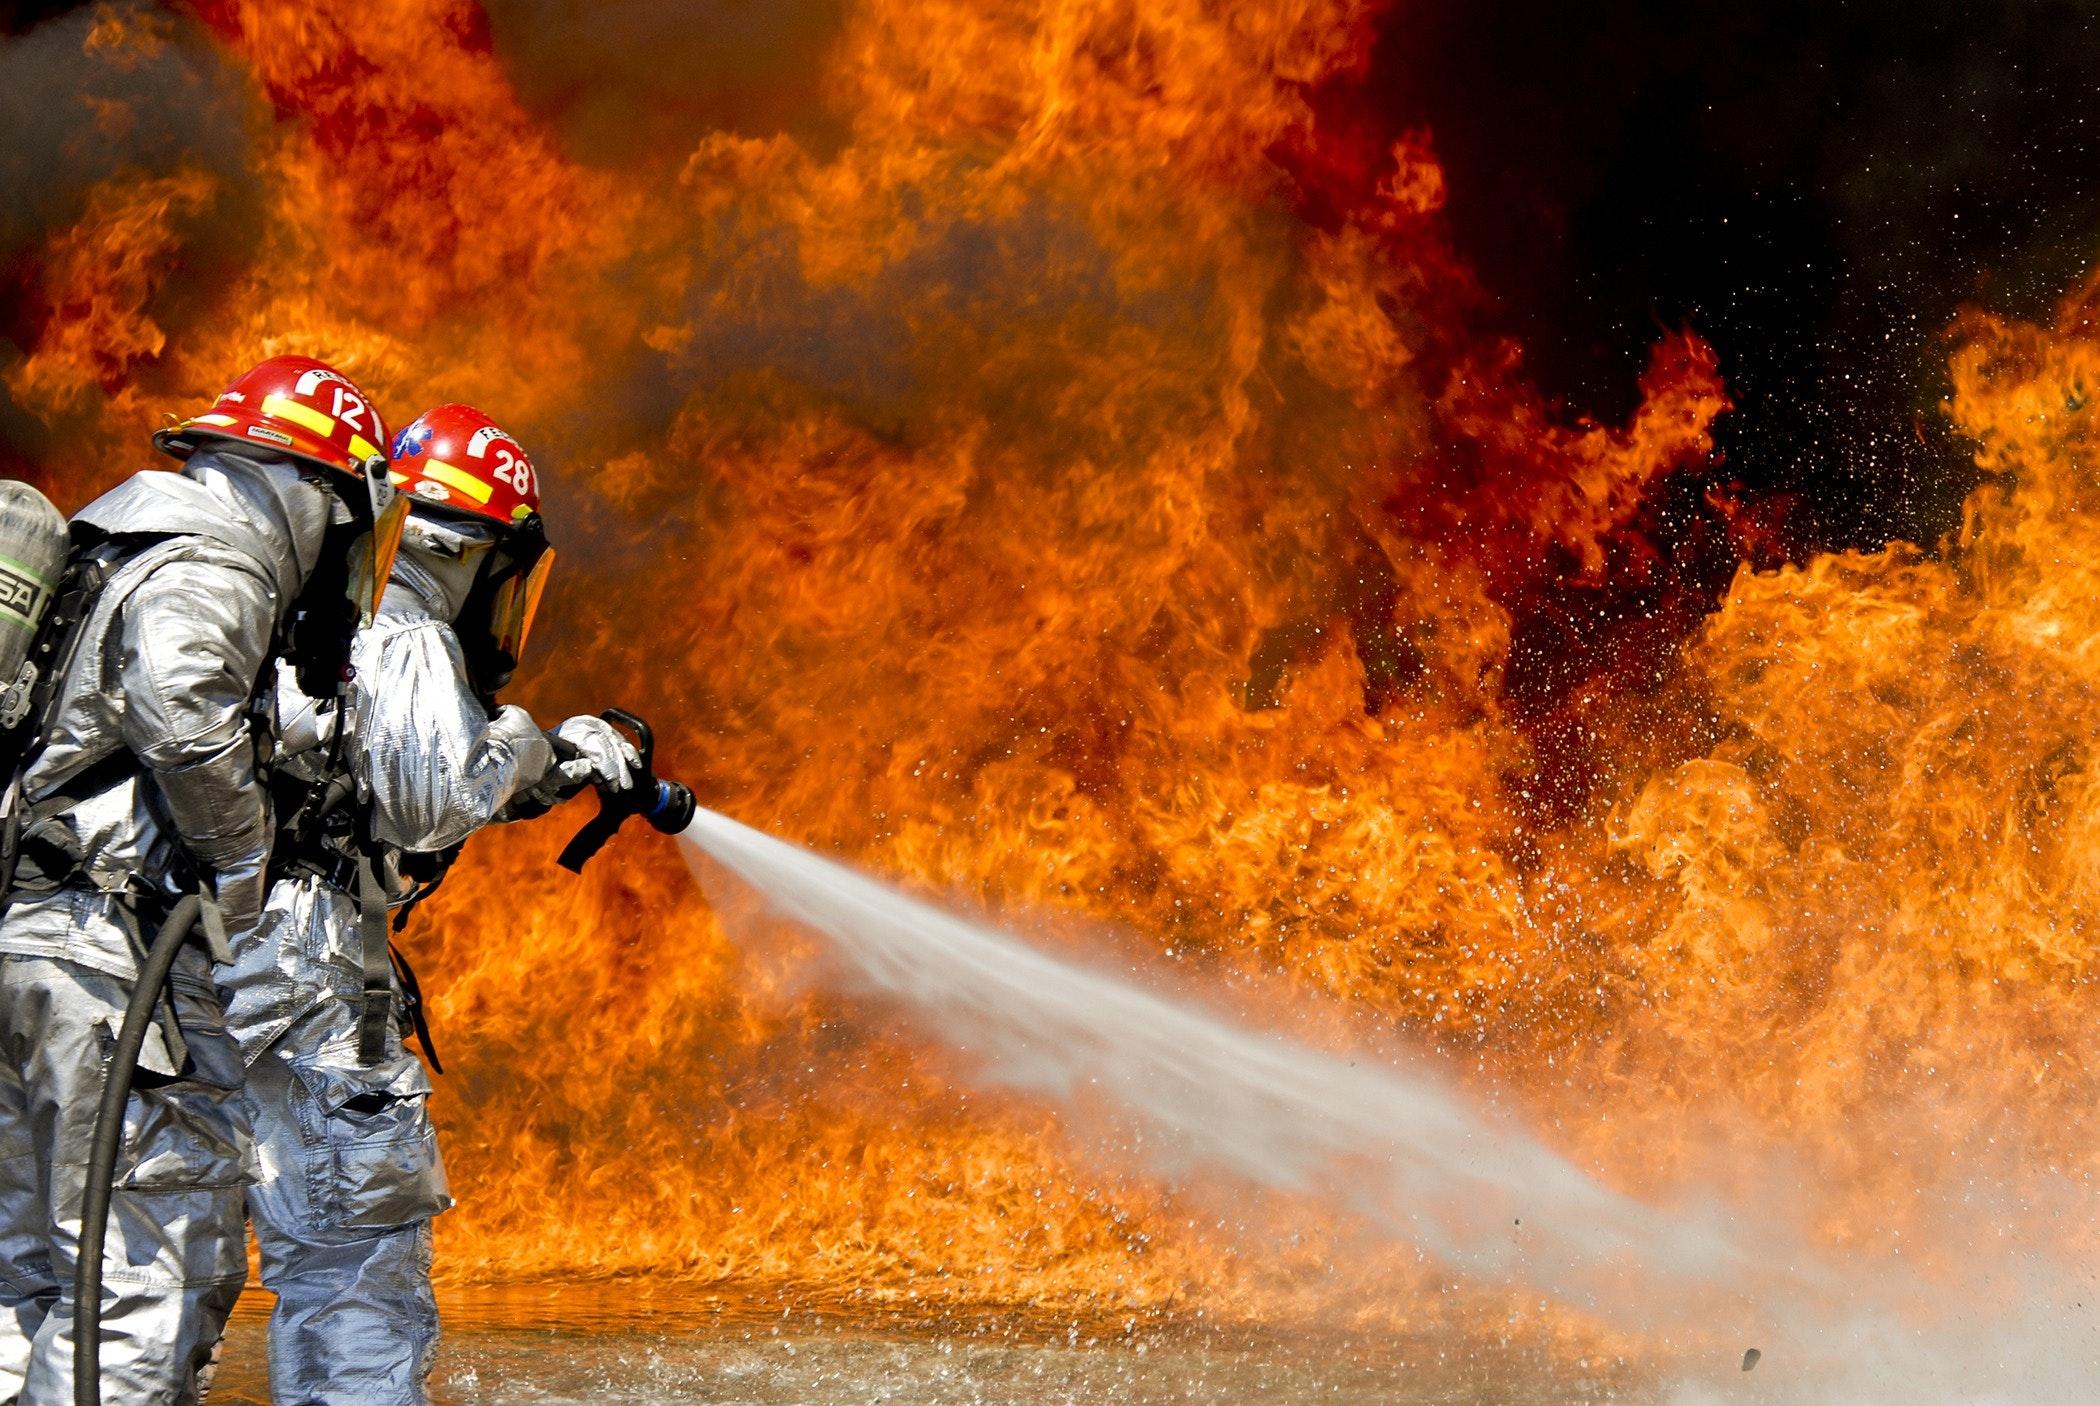 两名身穿发光西装的消防员正在用水灭火